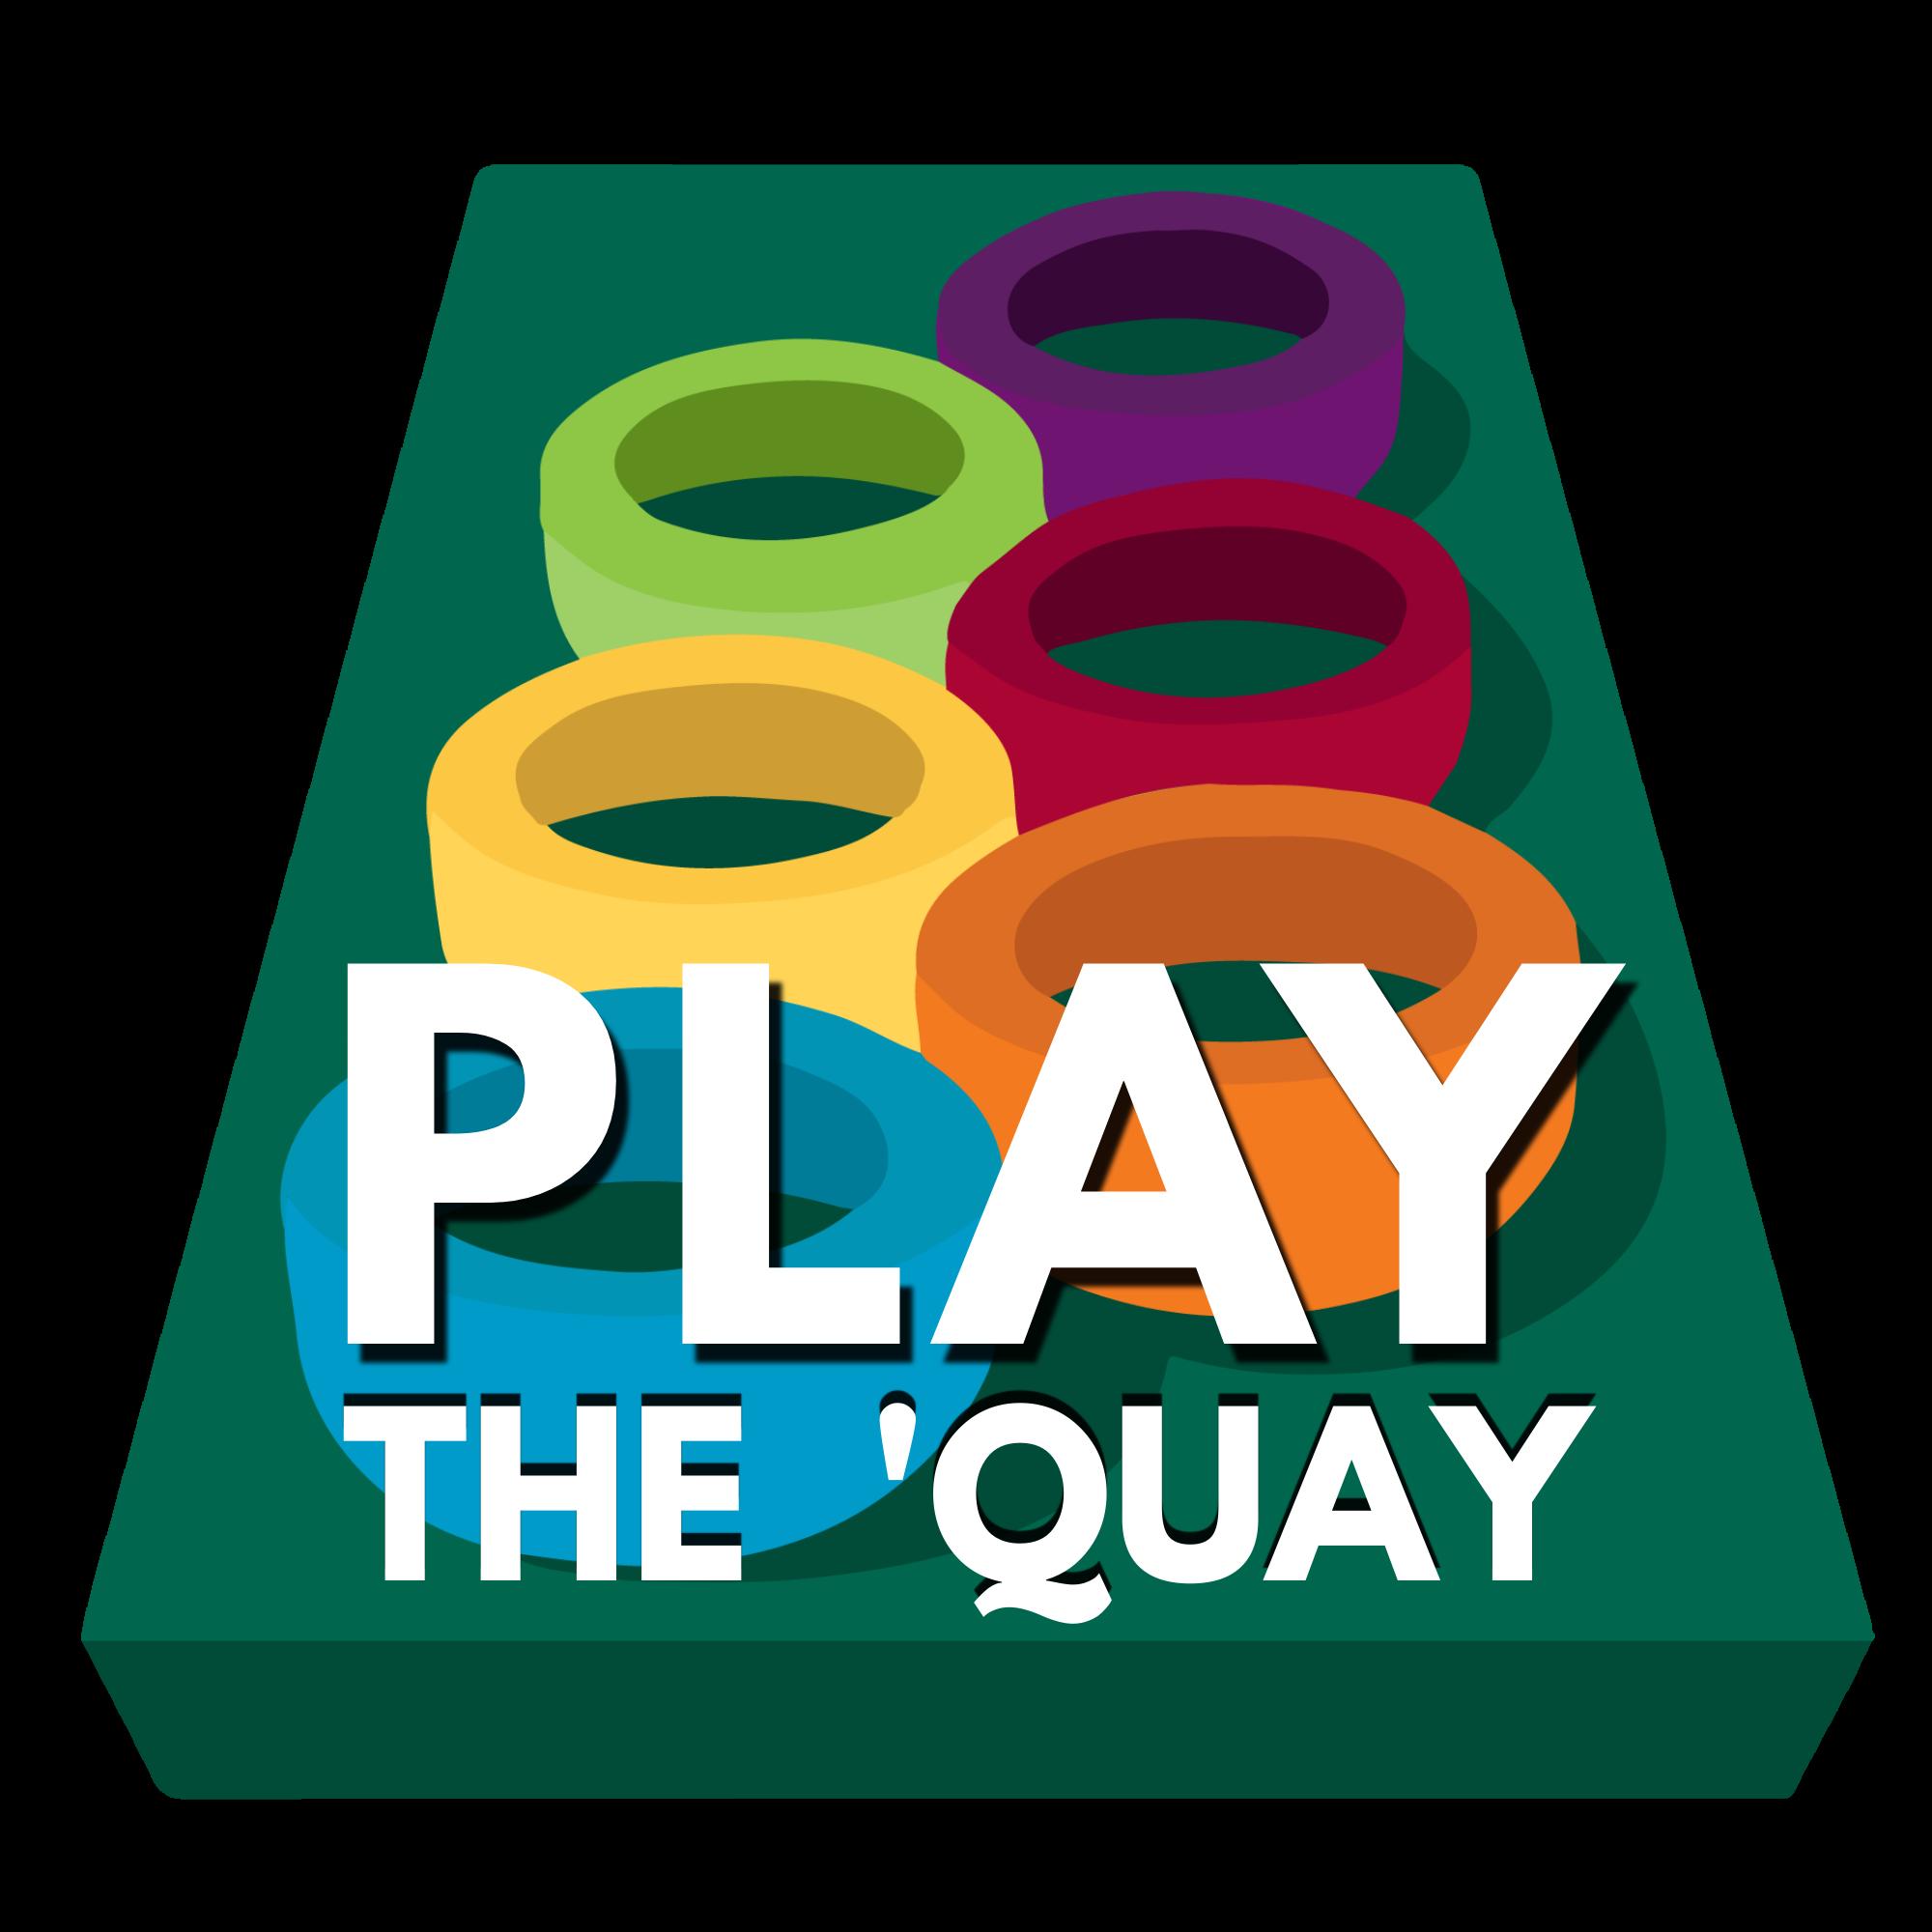 Play the Quay - Fuquay-Varina Downtown